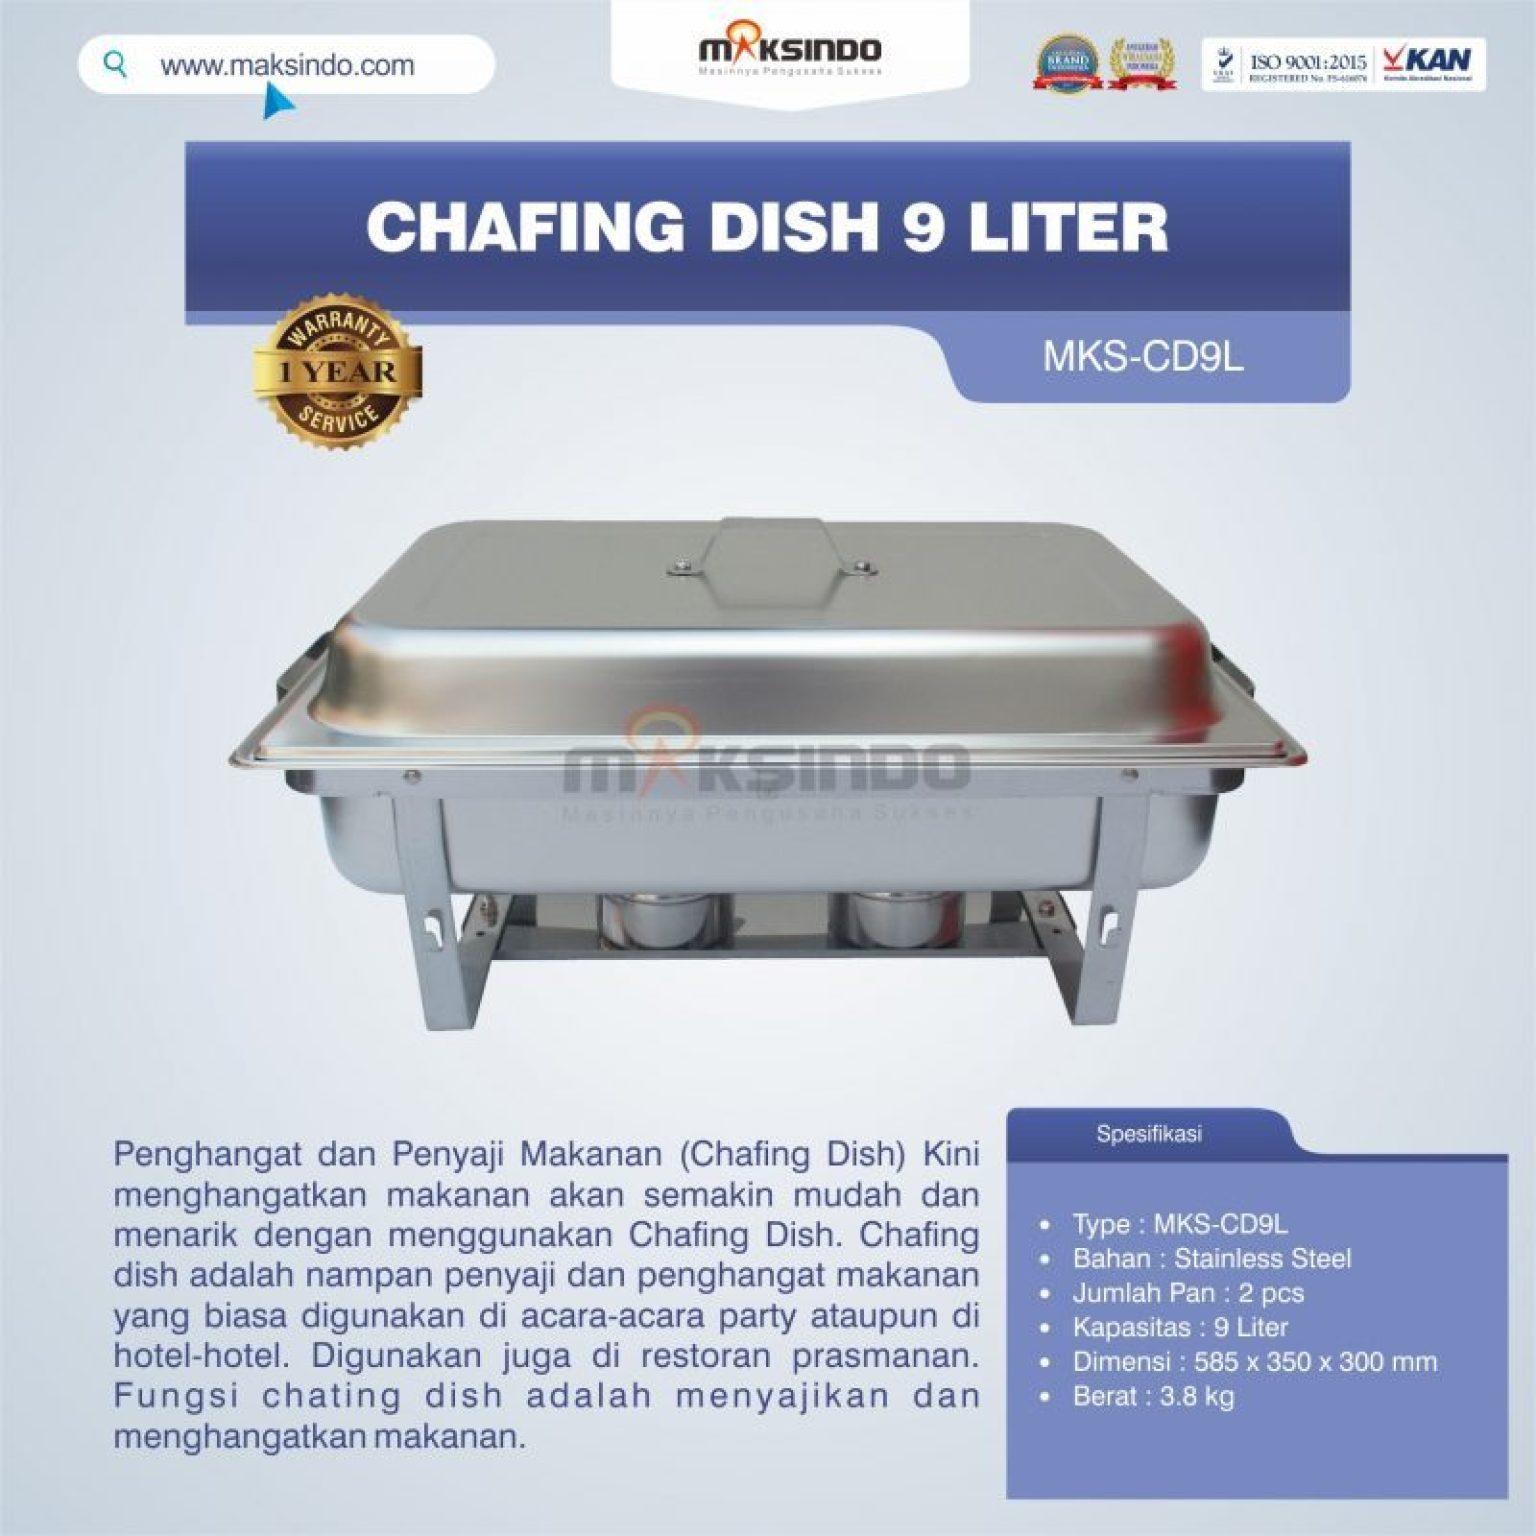 Jual Chafing Dish 9 Liter MKS-CD9L di Semarang